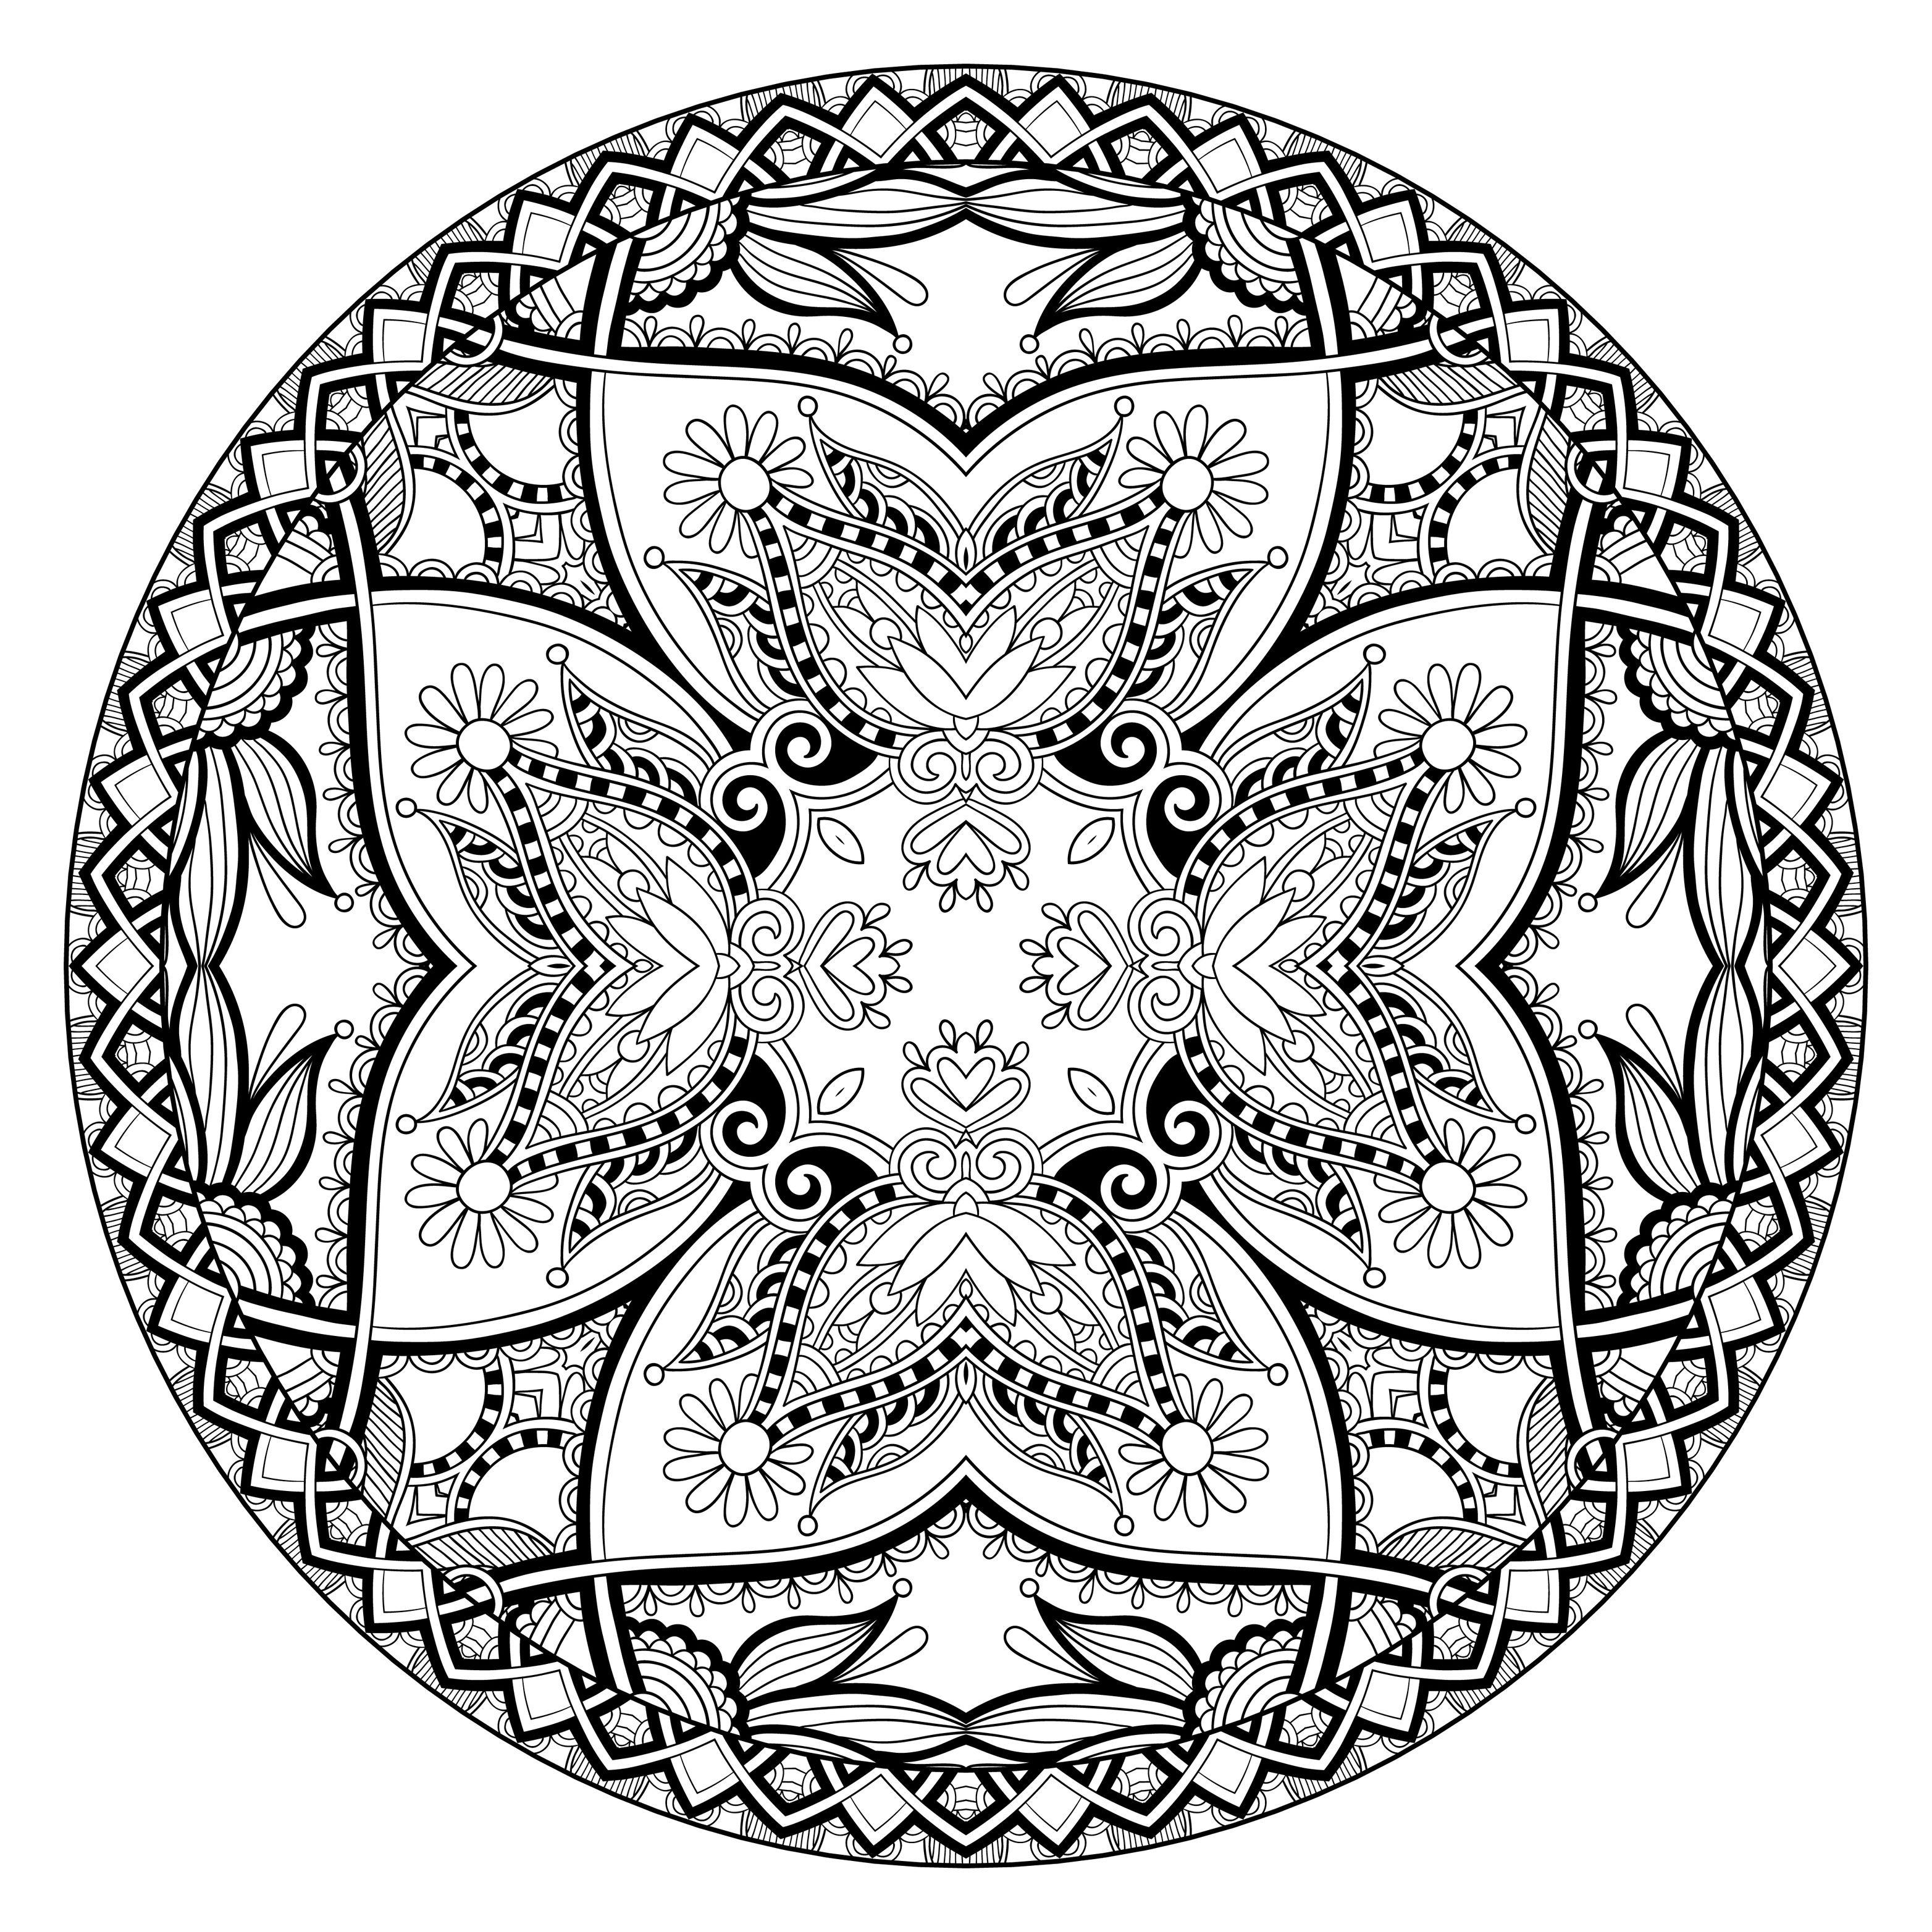 Disegni da colorare per adulti : Mandalas - 77